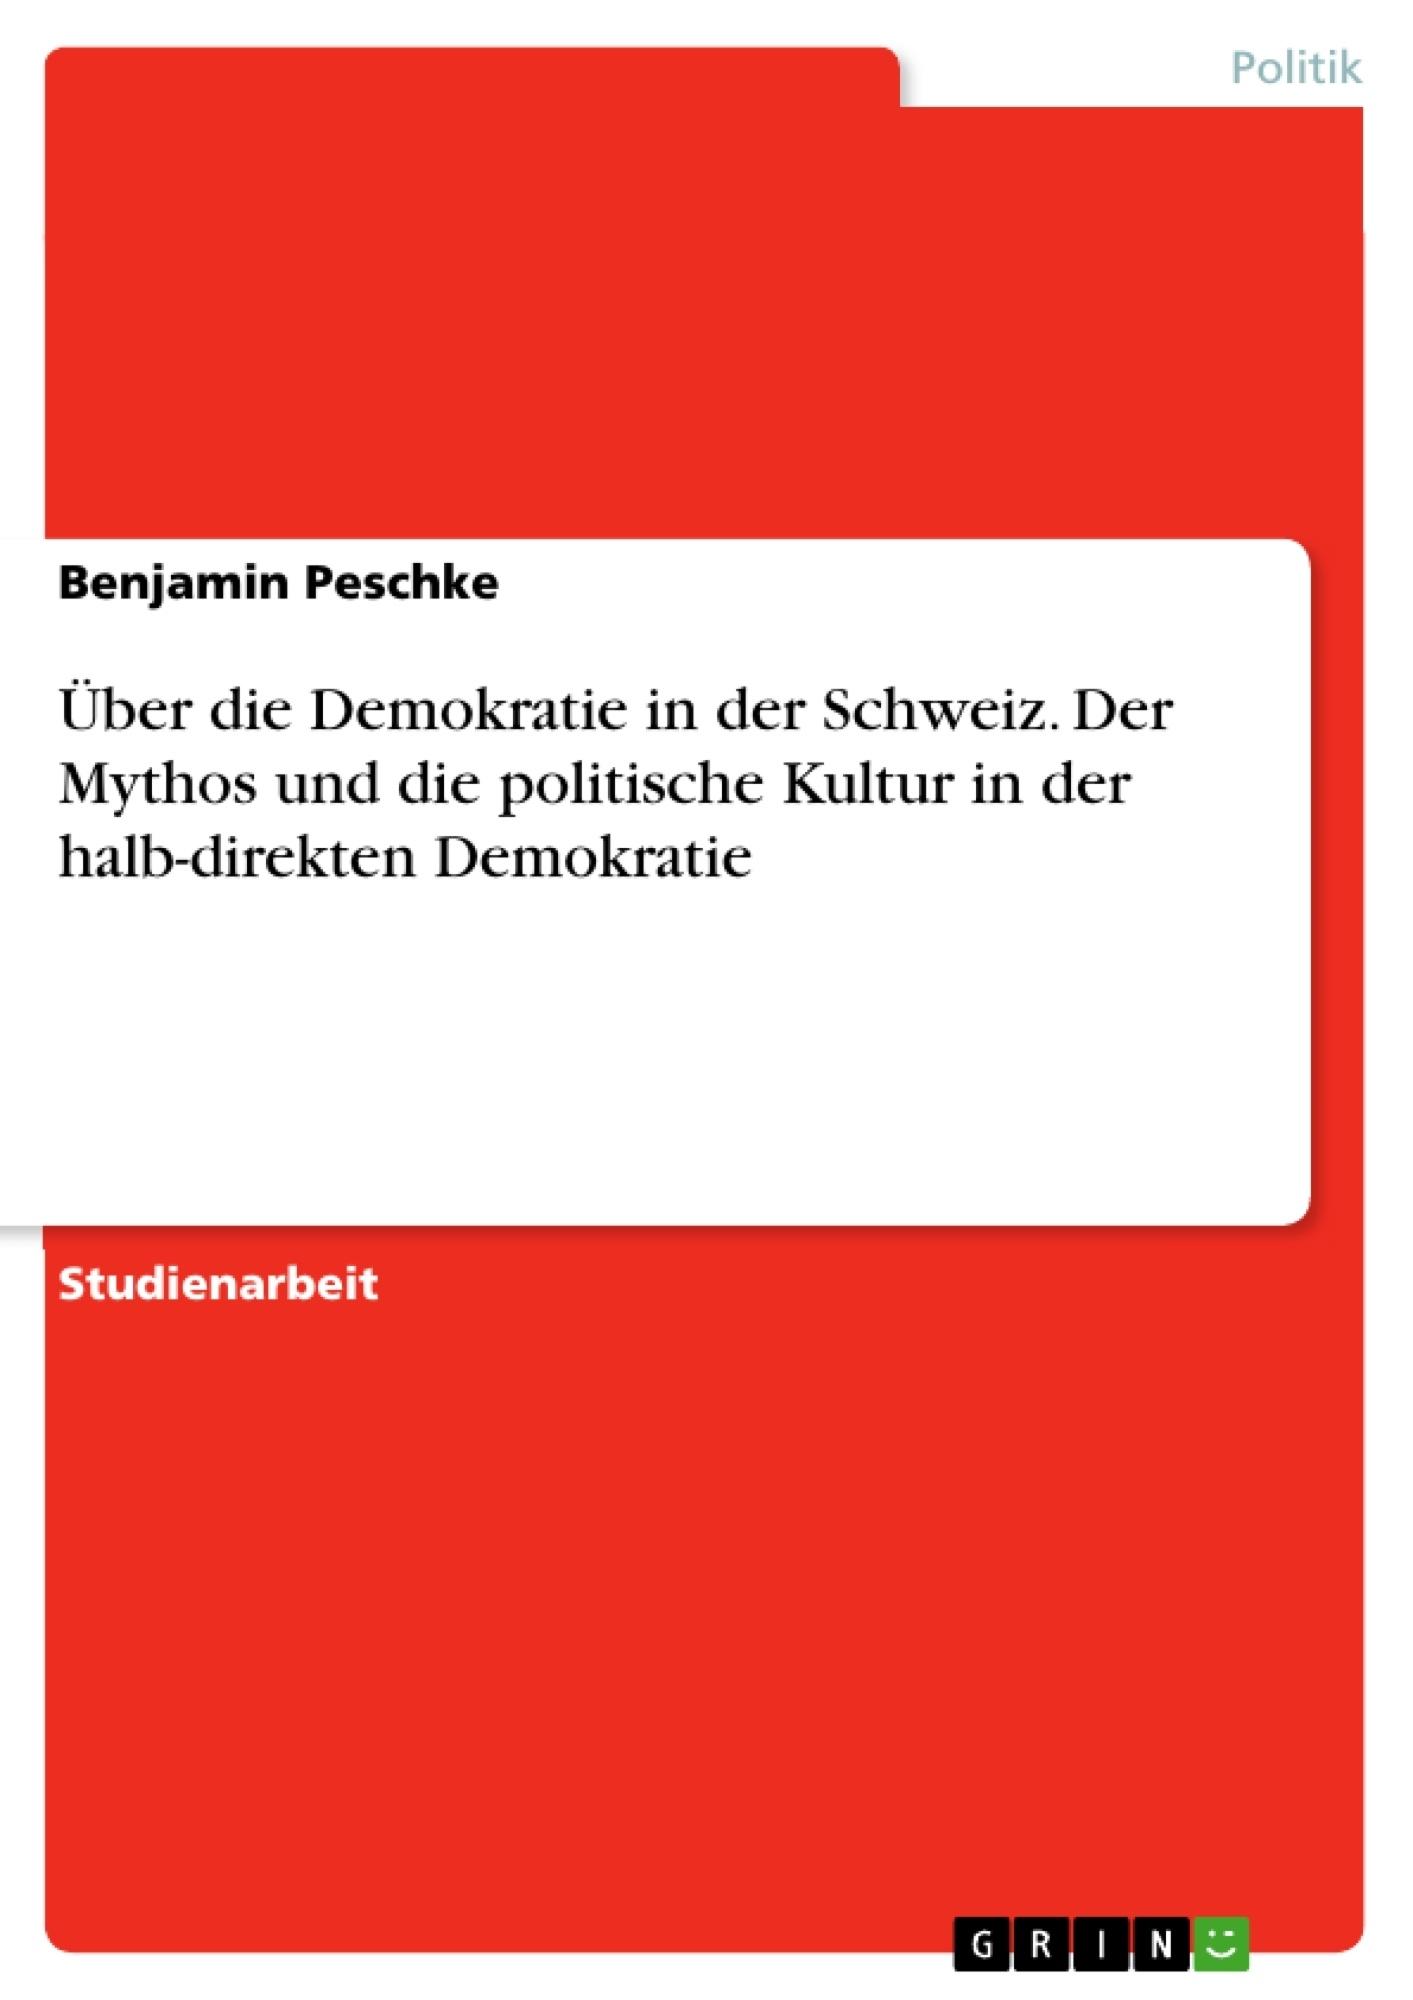 Titel: Über die Demokratie in der Schweiz. Der Mythos und die politische Kultur in der halb-direkten Demokratie